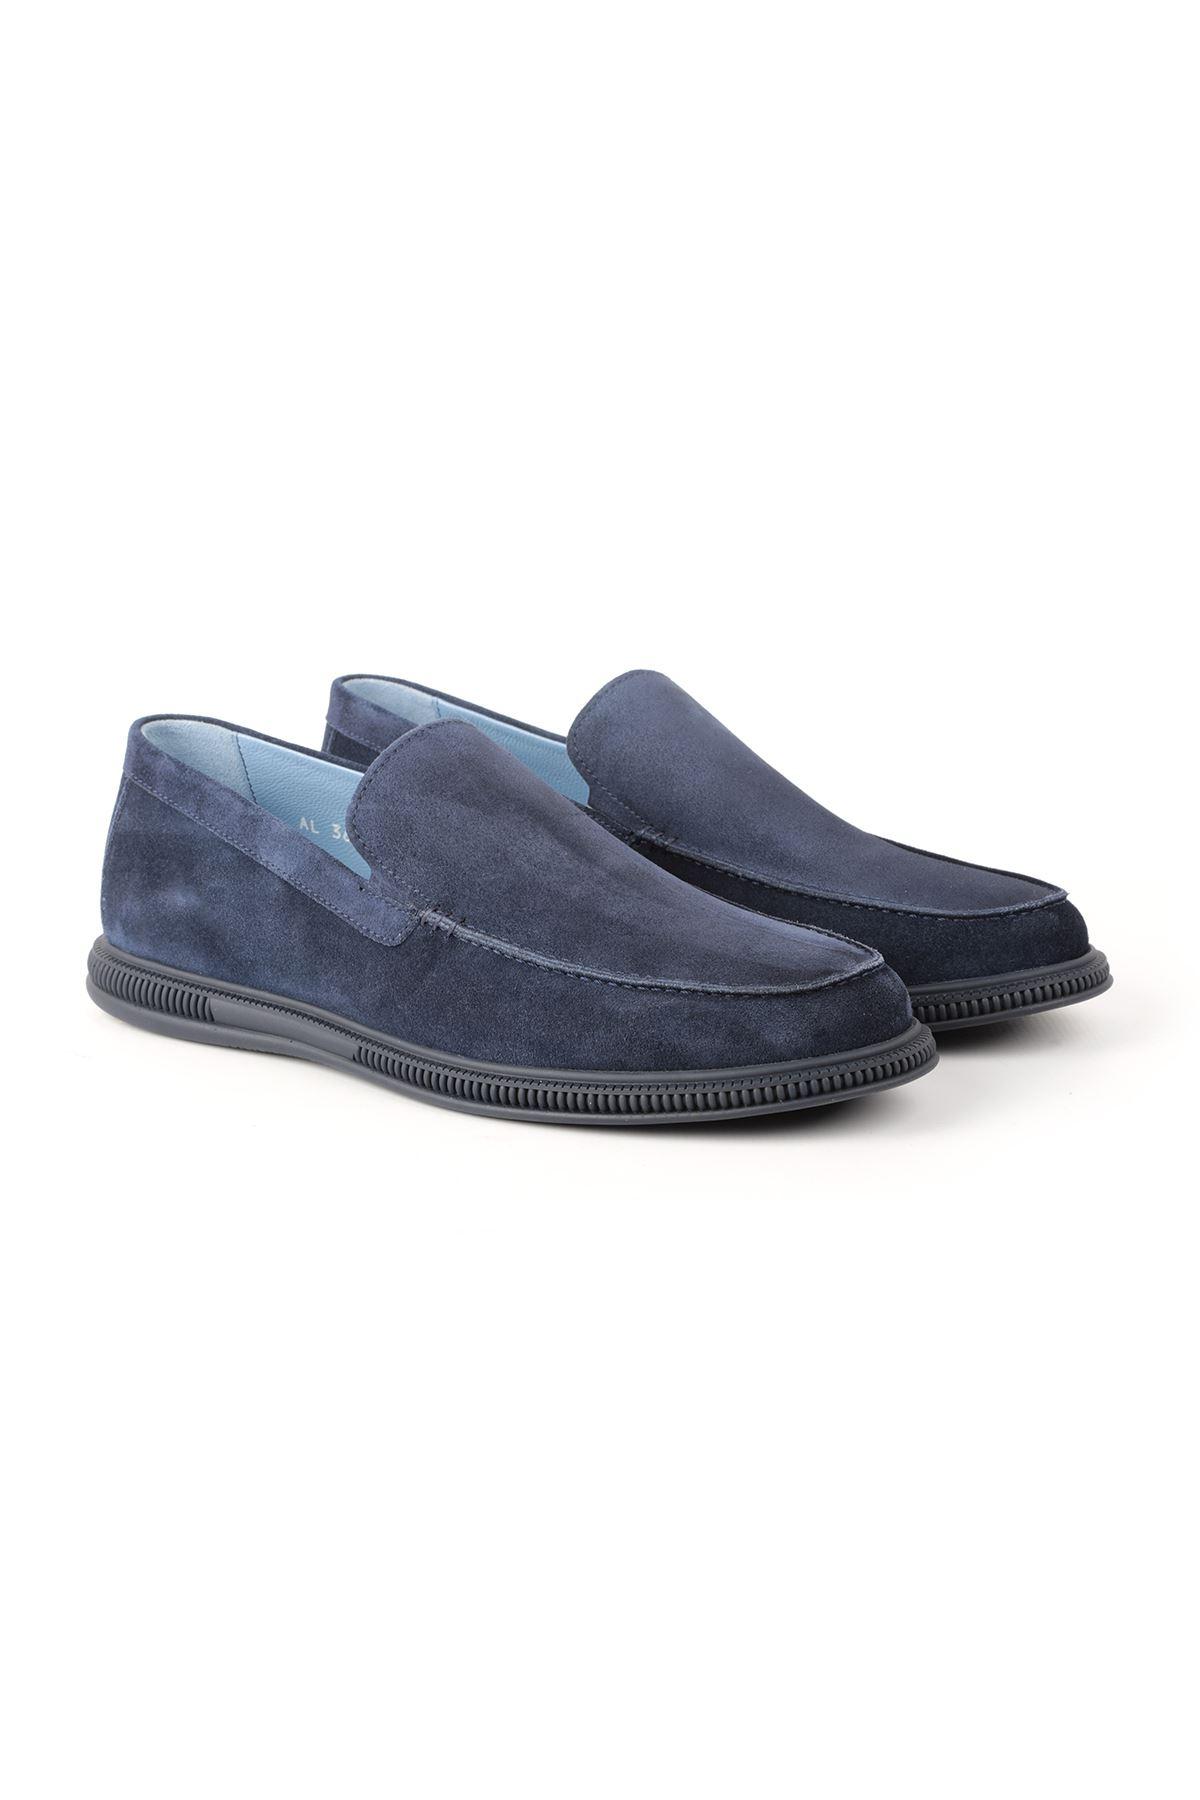 Libero L3635 Navy Blue Loafer Men's Shoes